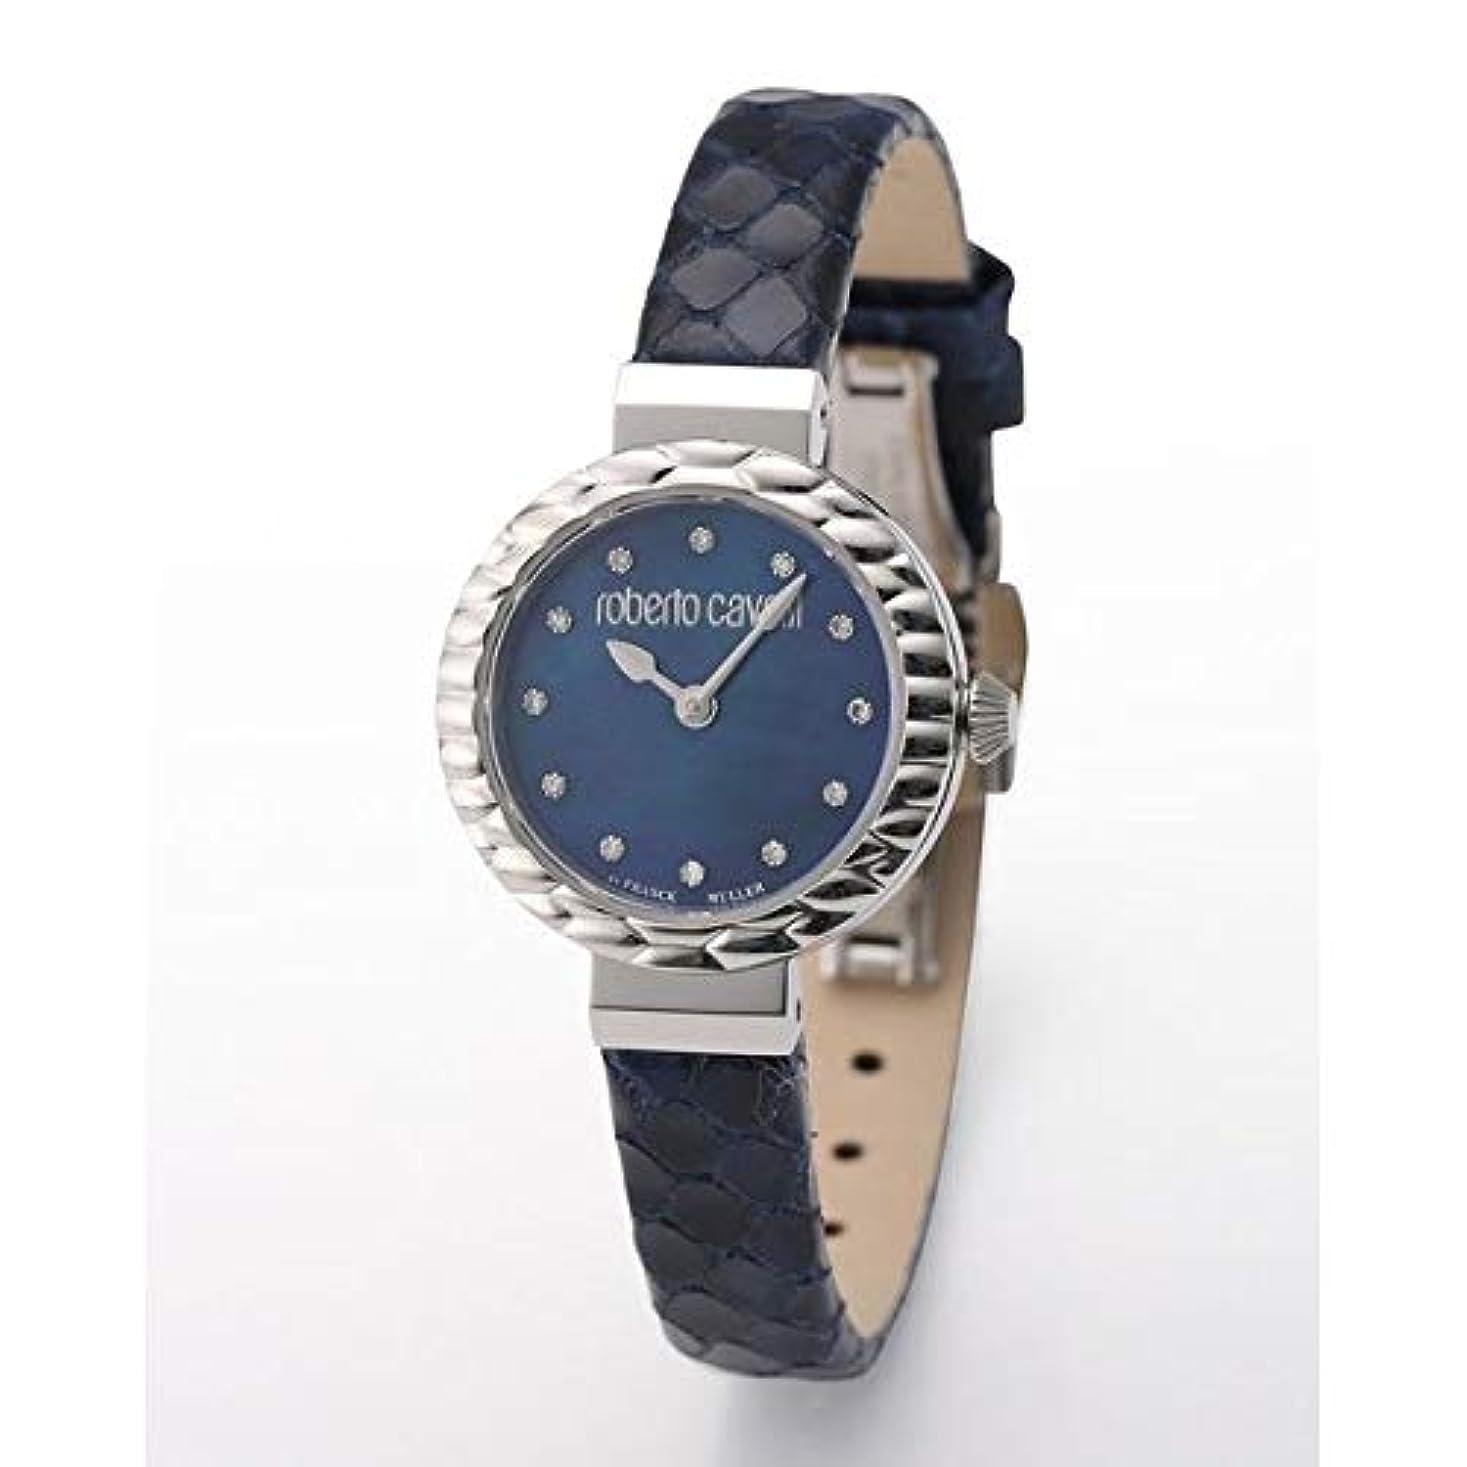 ゆりかご白雪姫消費するロベルトカヴァリ by フランクミュラー 腕時計 RV2L023L0141 レディース